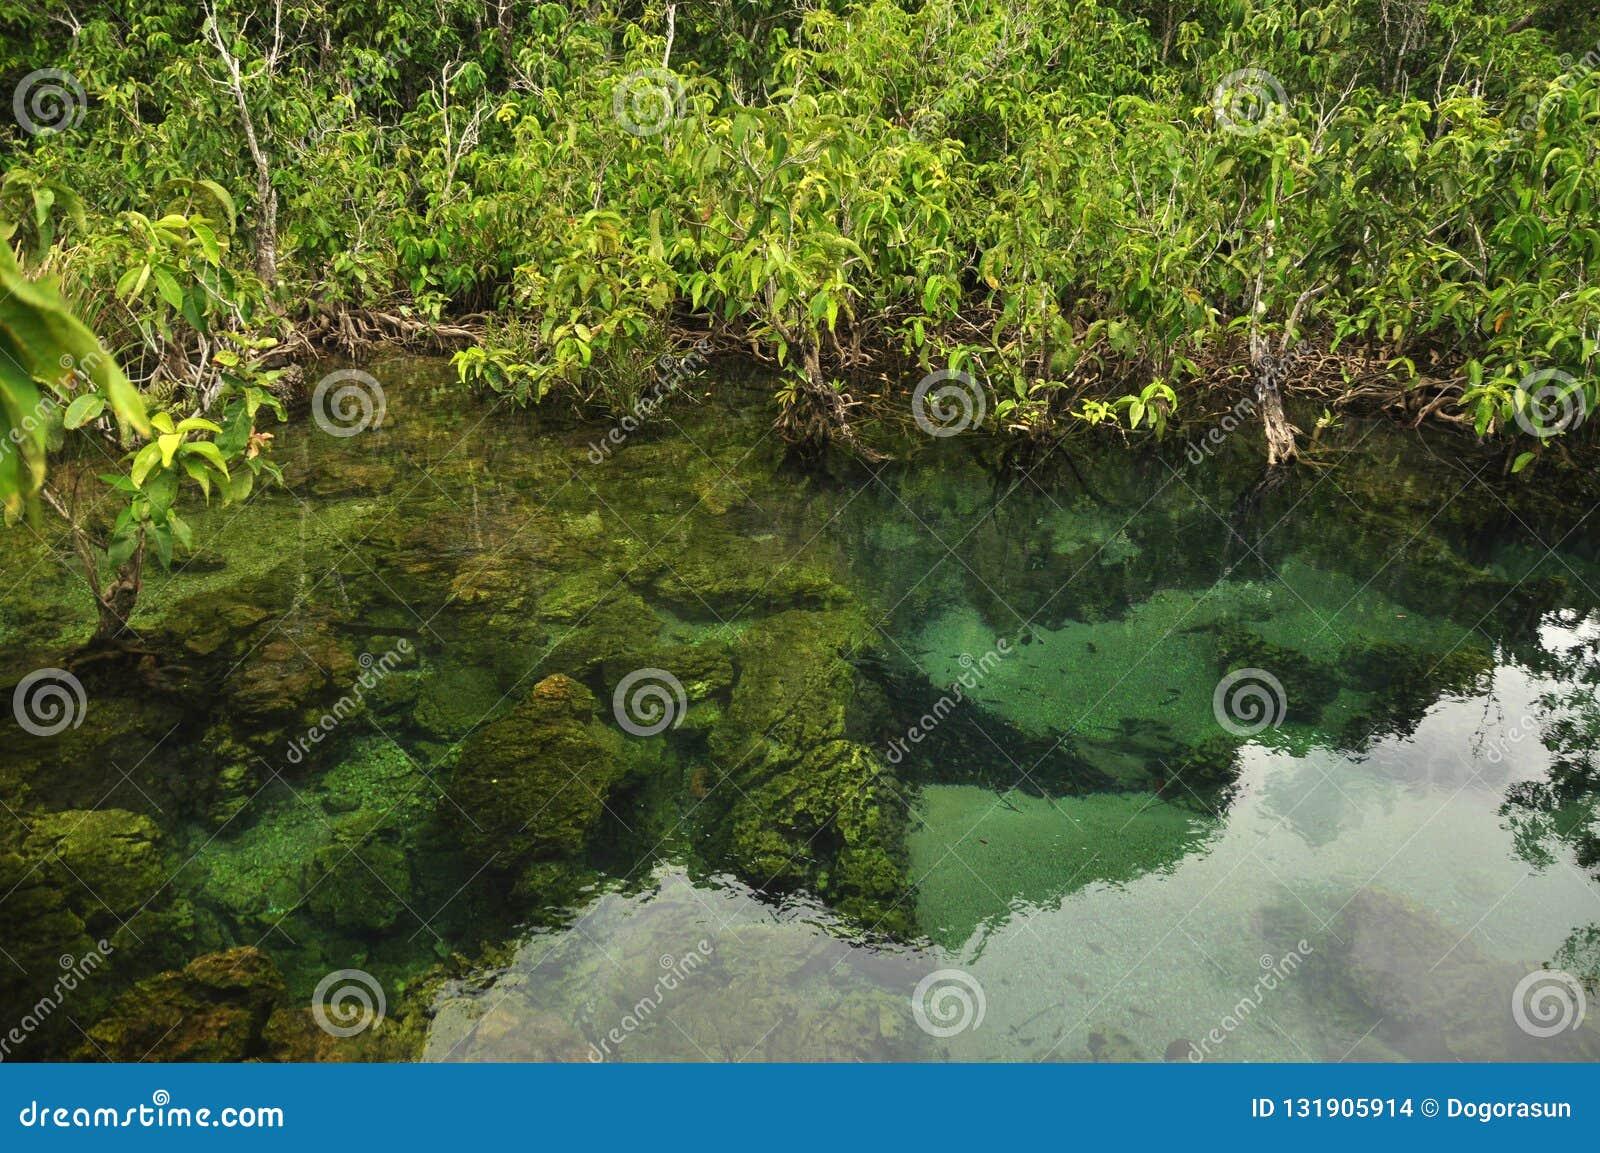 Transparant water in wilde tropische vijver of rivier, van boven schot van duidelijk water in klein meer met rond de wortels van